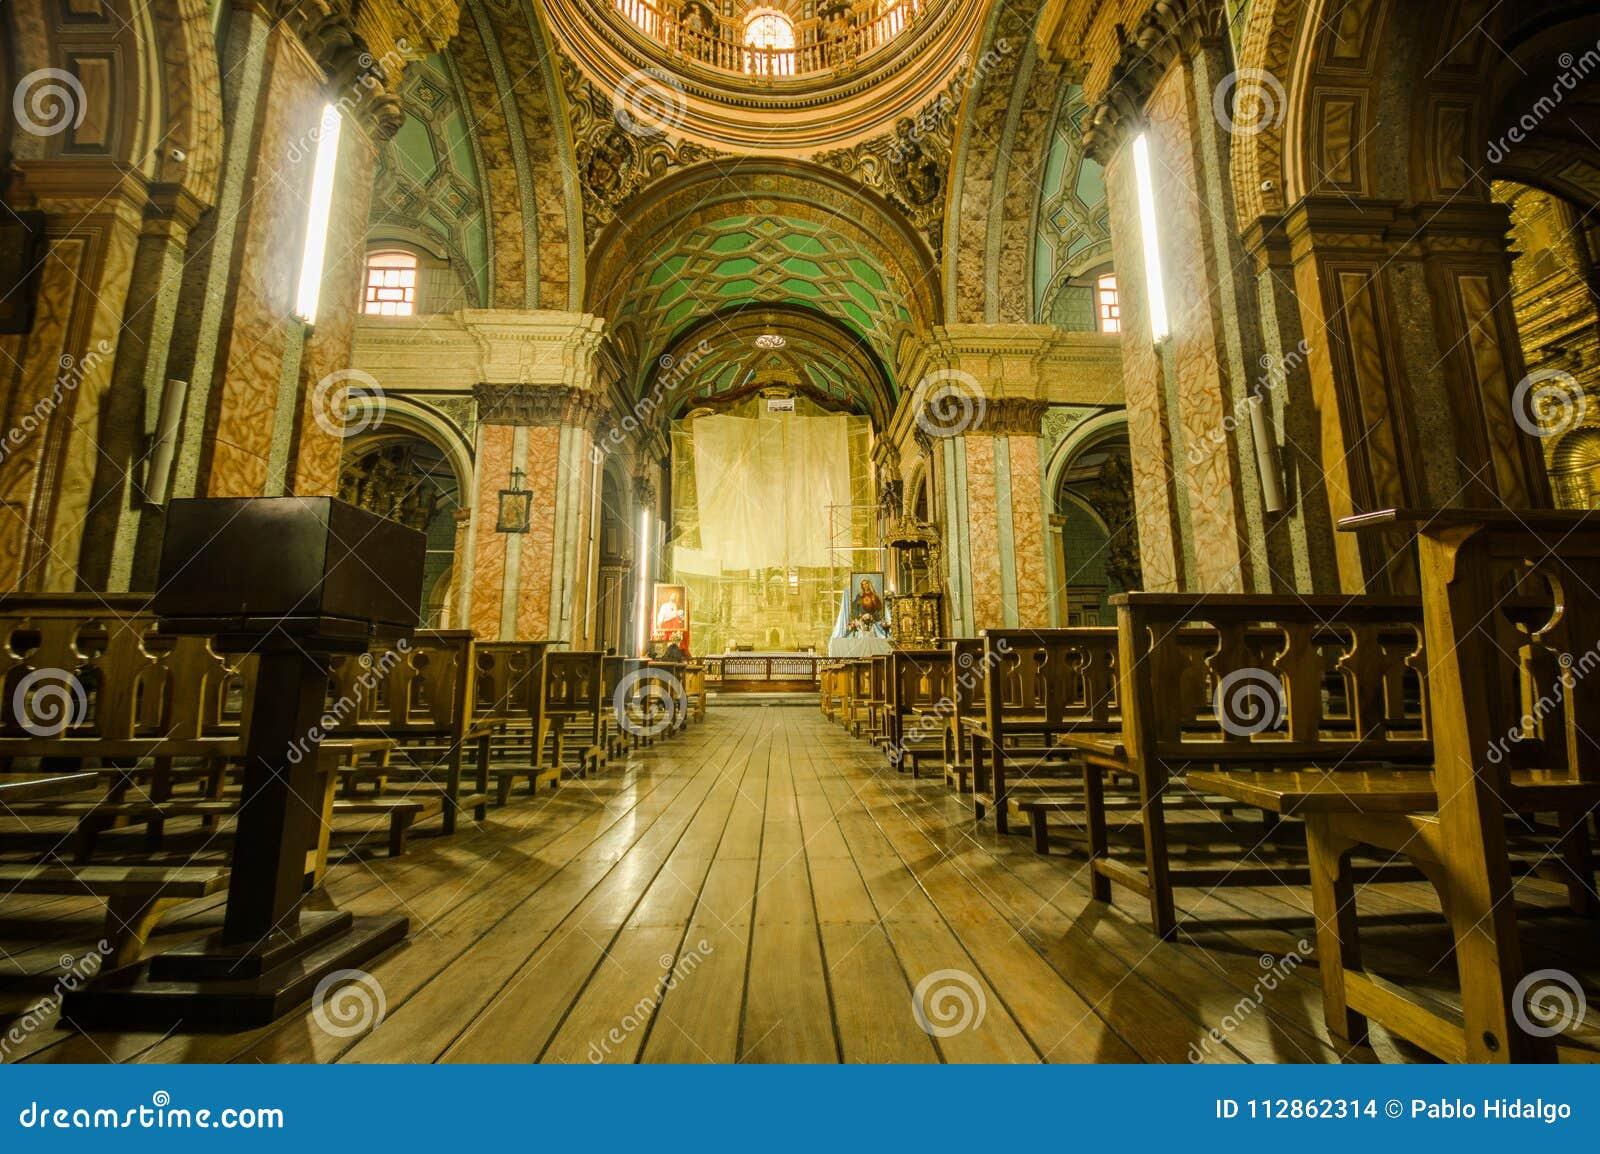 ΚΟΥΙΤΟ, ΙΣΗΜΕΡΙΝΟΣ, ΣΤΙΣ 22 ΦΕΒΡΟΥΑΡΊΟΥ 2018: Εσωτερική άποψη της εκκλησίας Λα Catedral στον καθεδρικό ναό του Κουίτο ` s